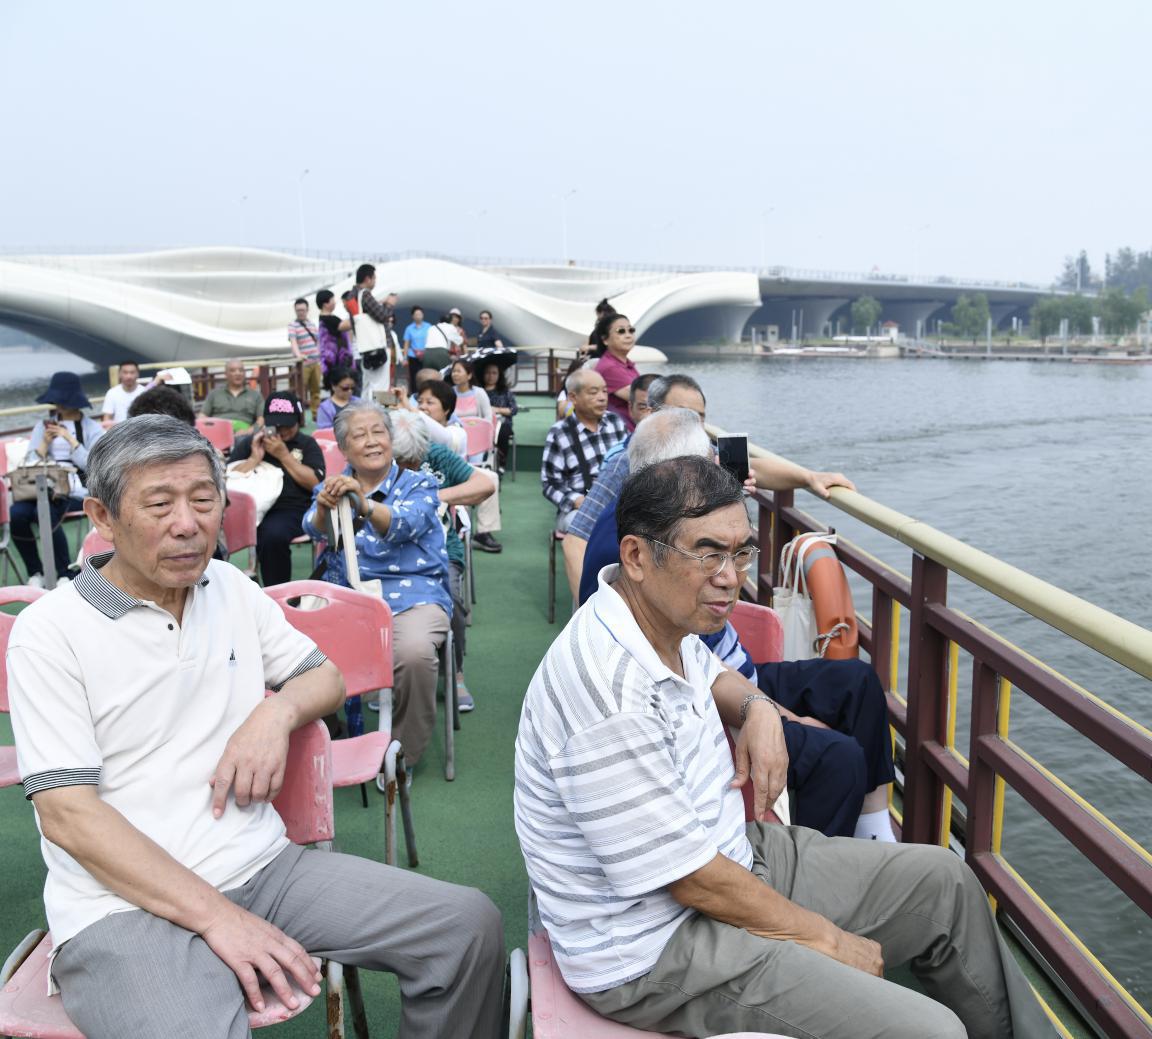 """北京启动""""旅游进社区·大运河文化宣传""""活动 助力大运河文化带建设-焦点中国网"""